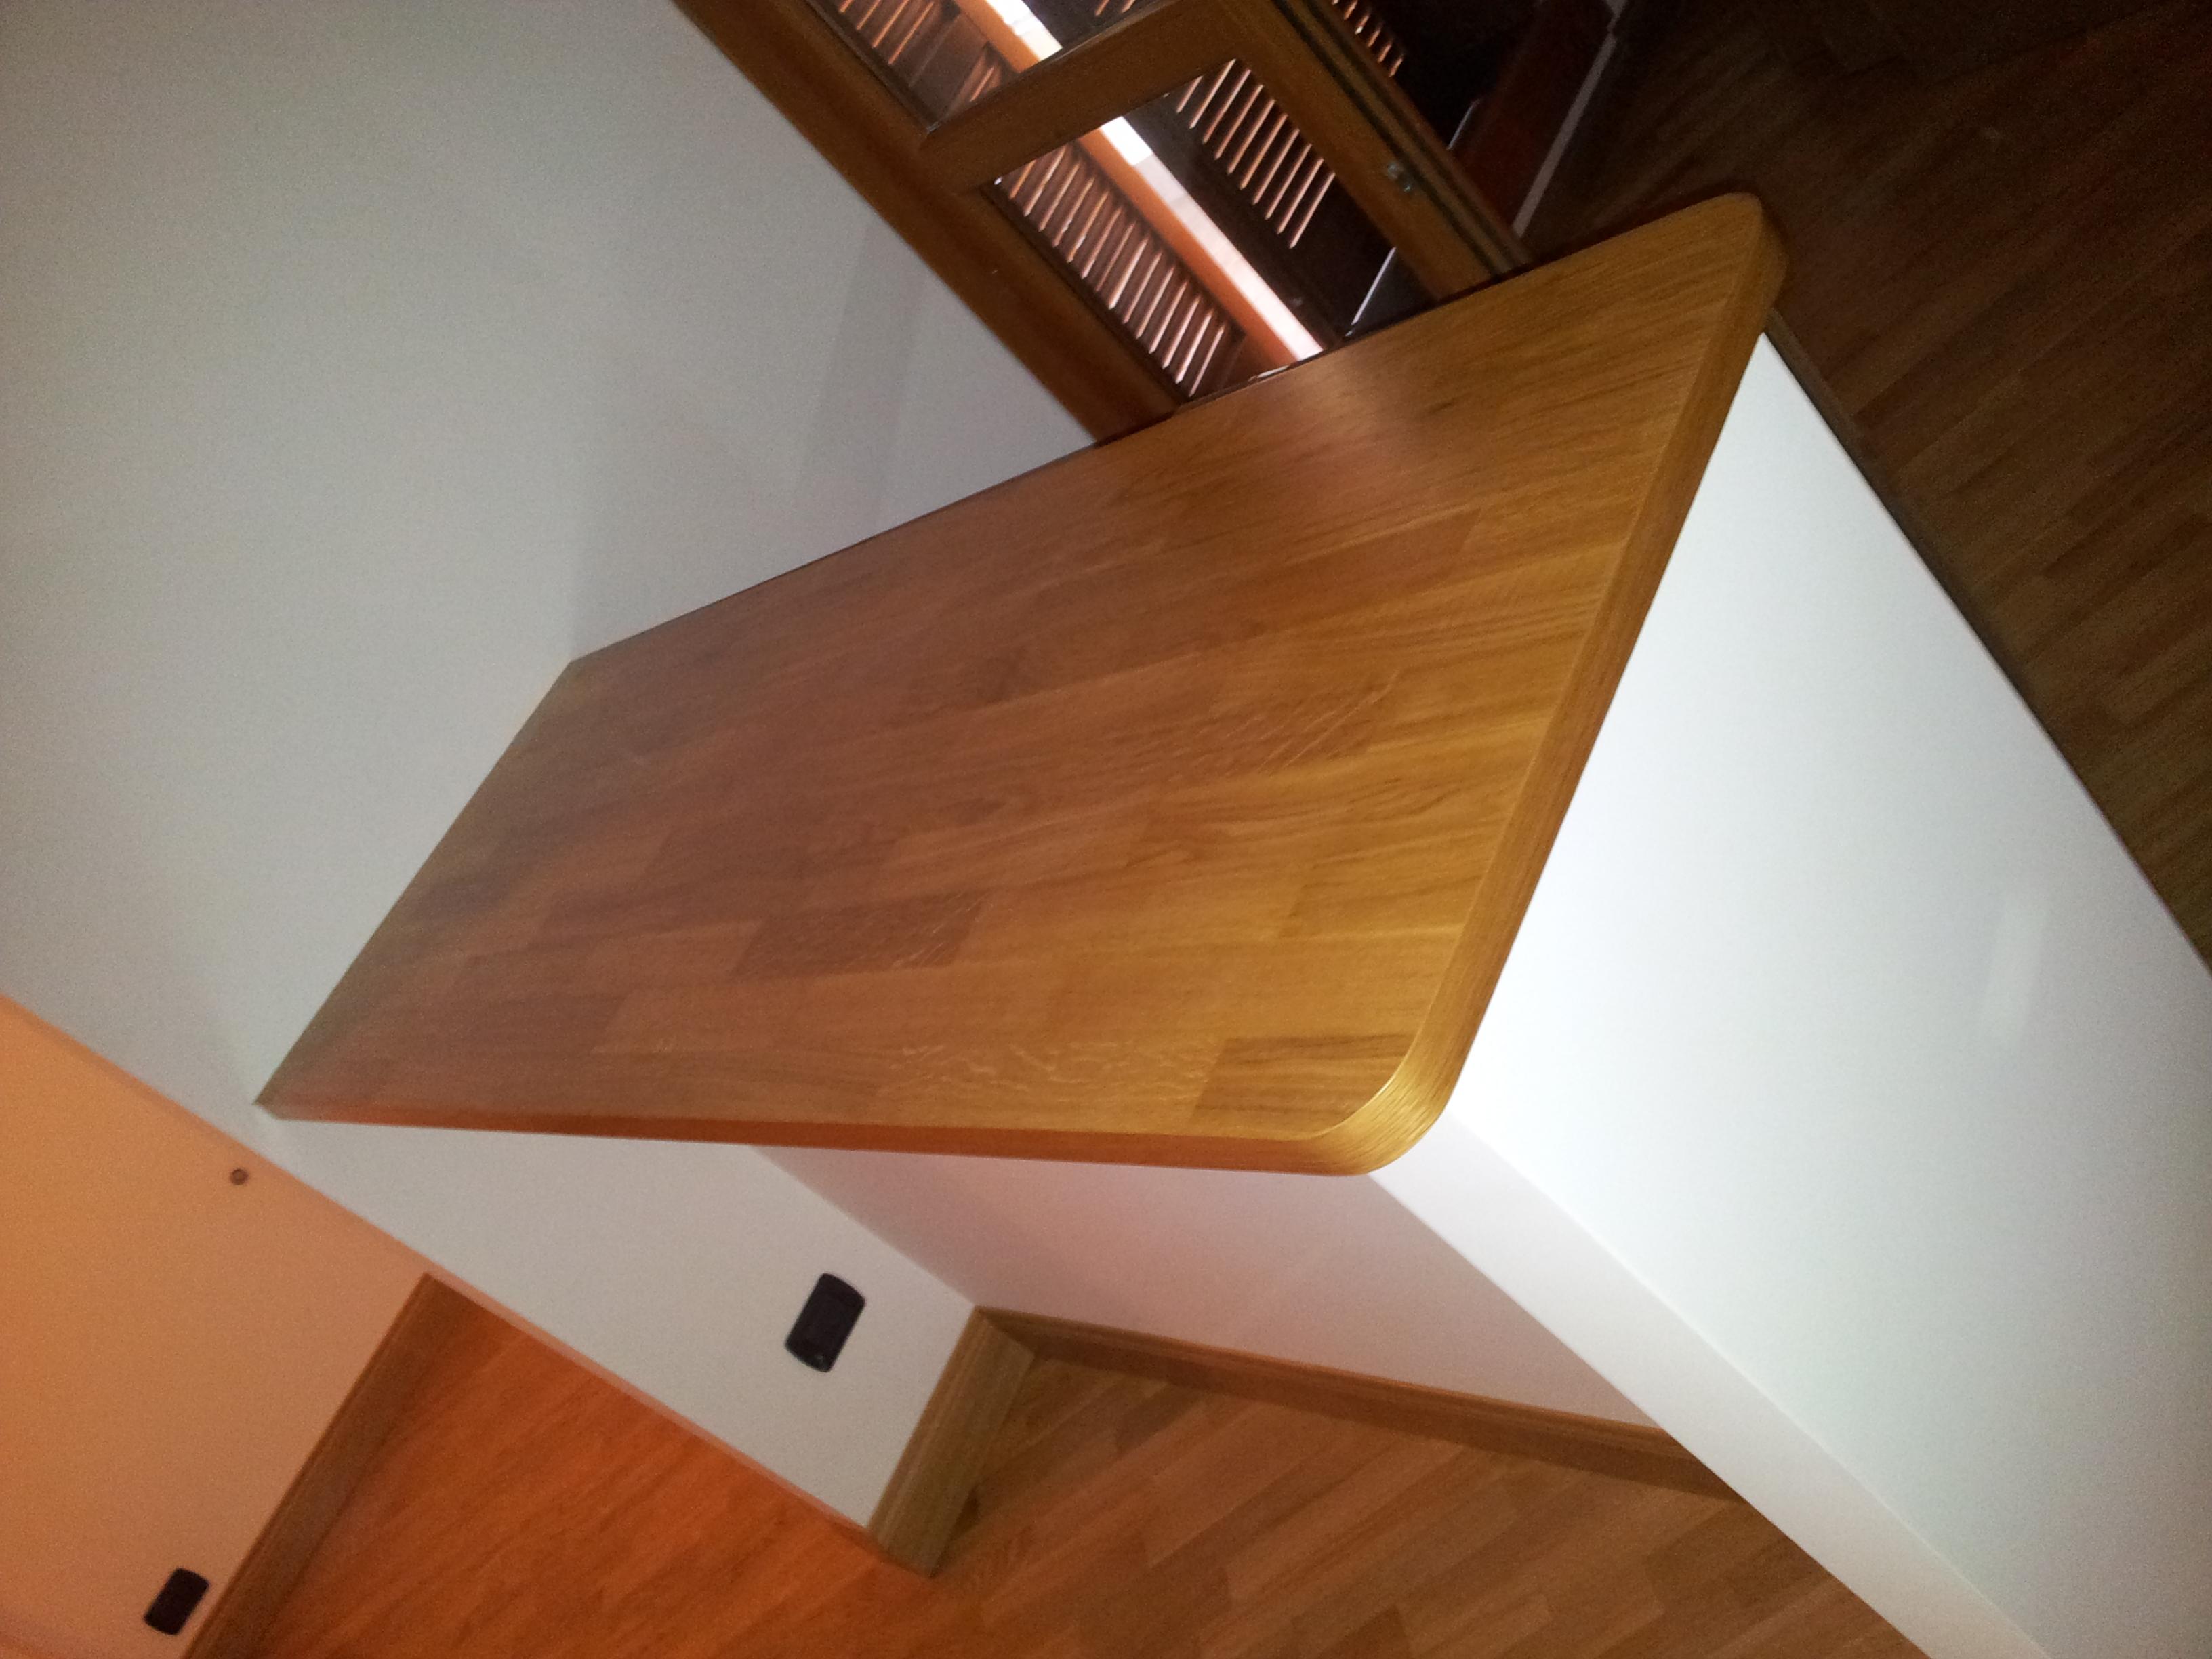 Tavoli in legno da cucina falegnameria roma restauro legno porte e finestre in legno - Tavoli di legno per cucina ...